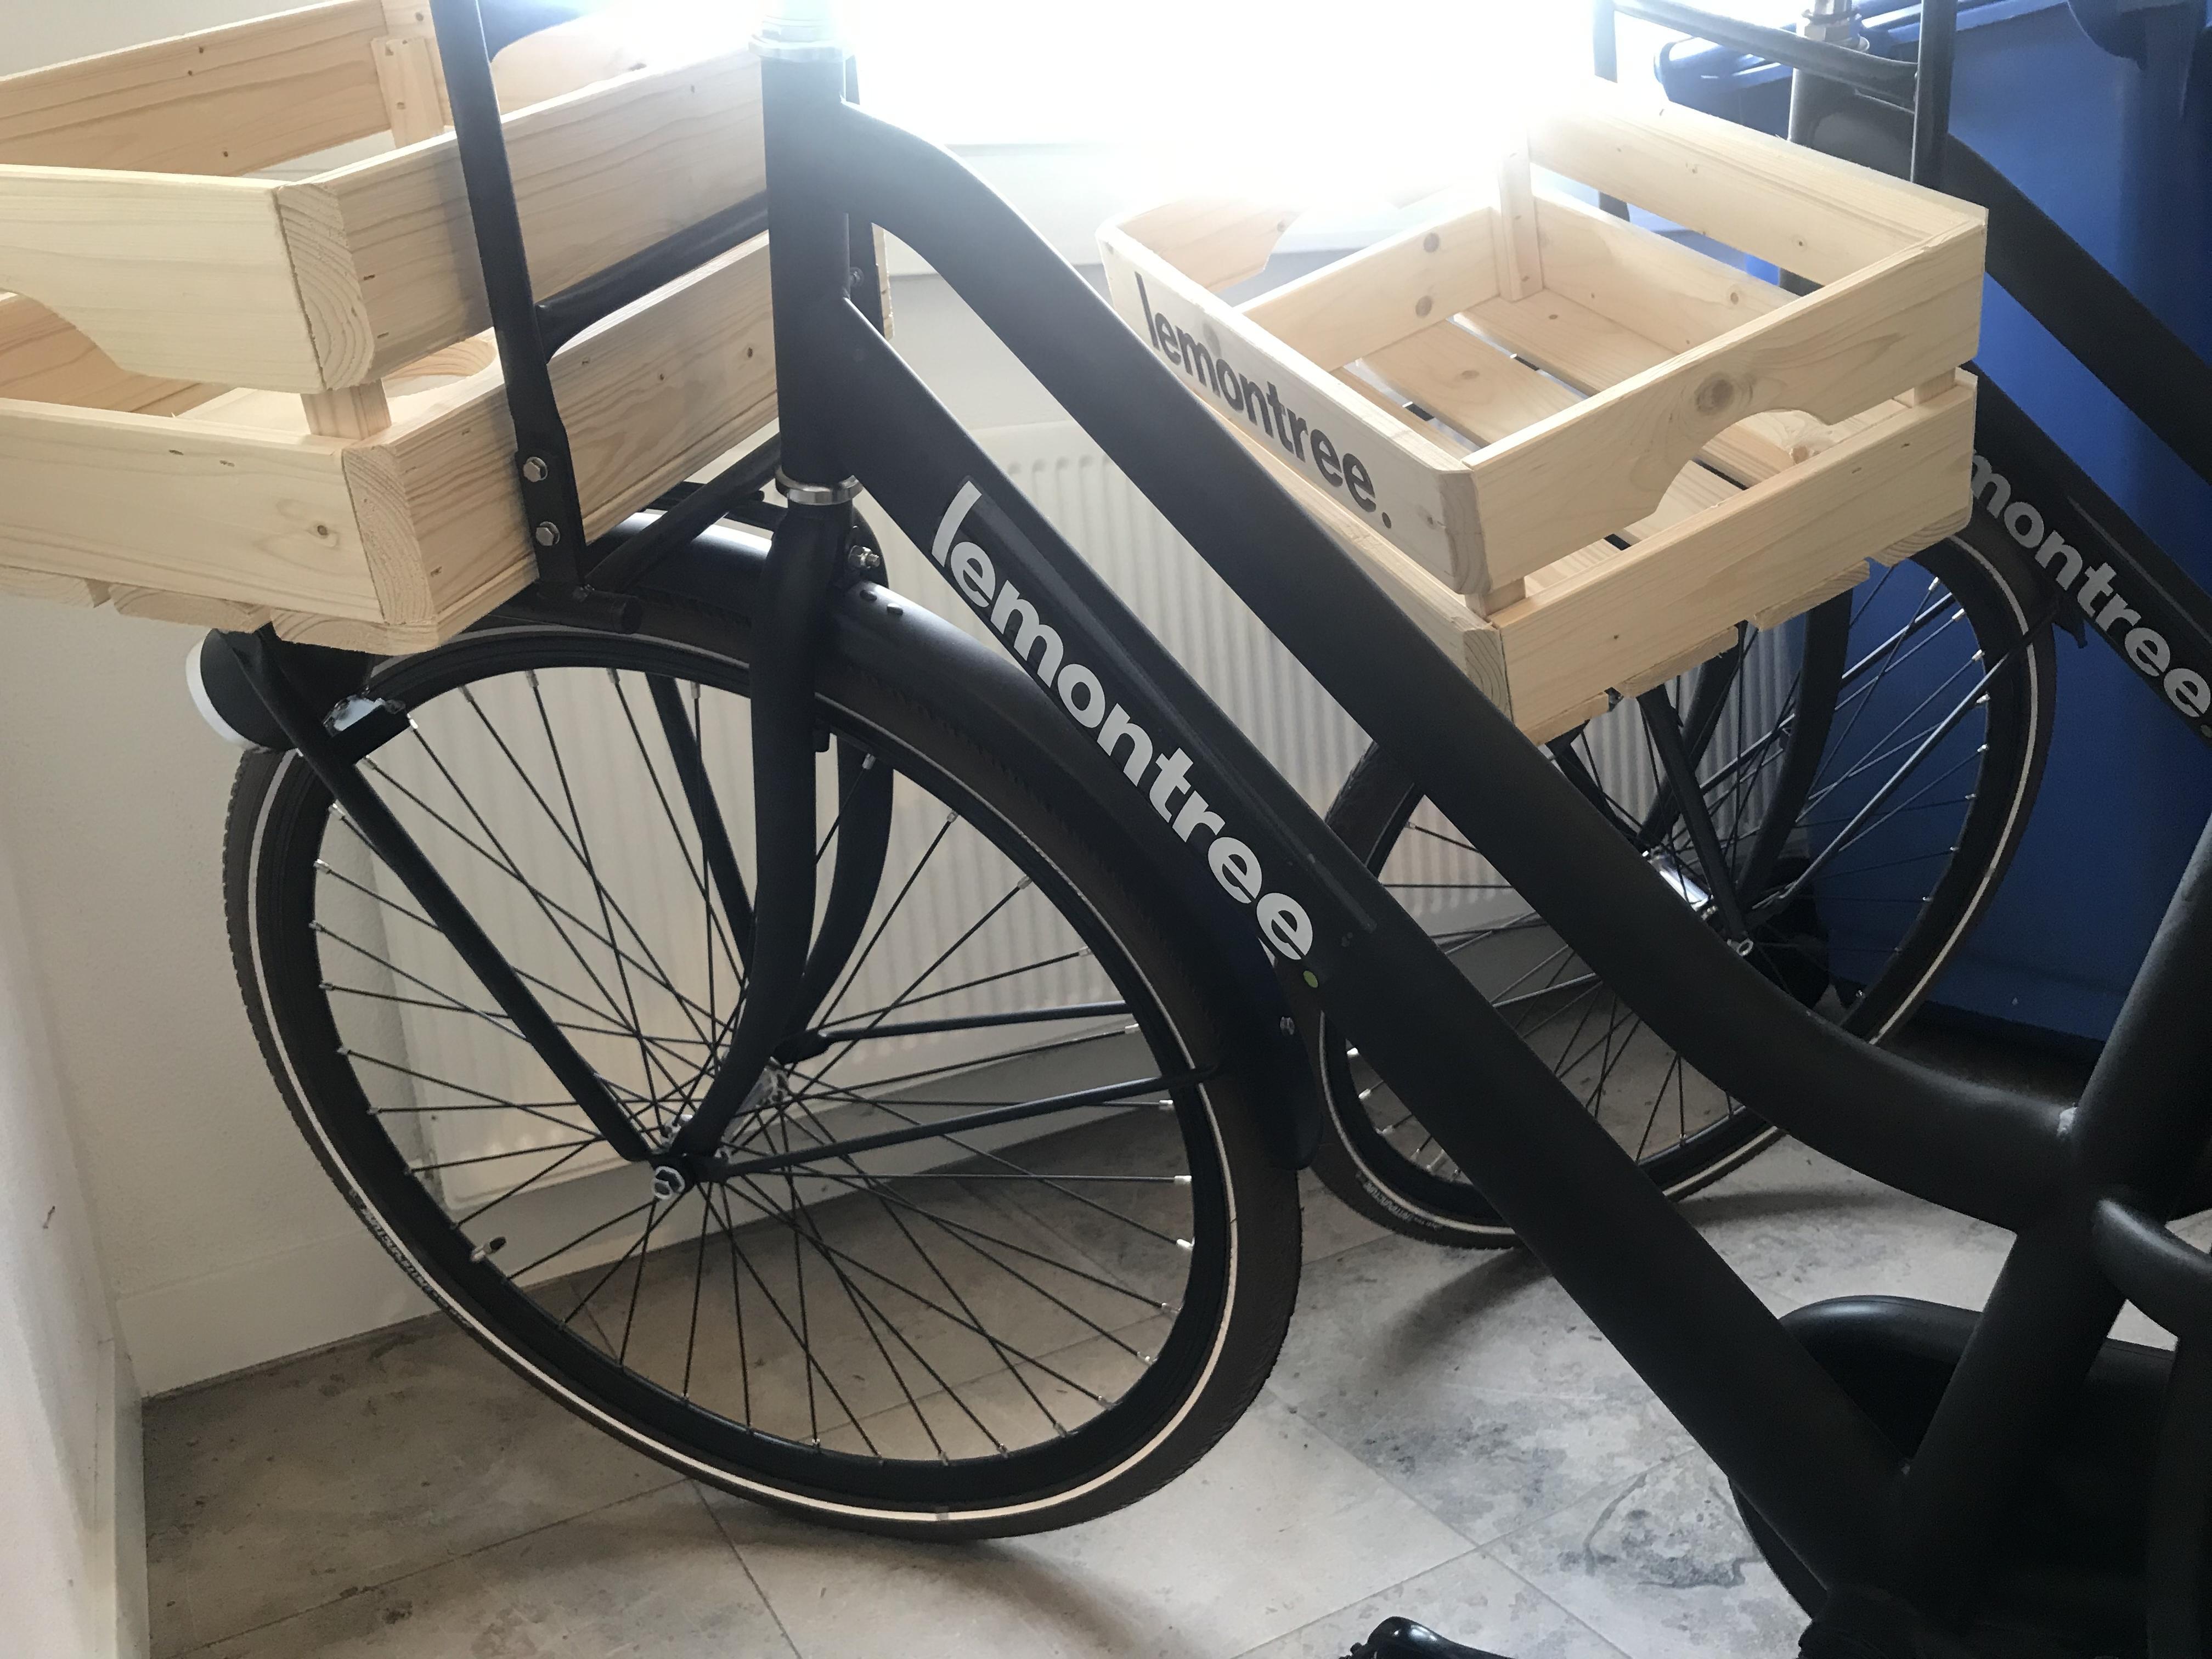 Lemontree fiets